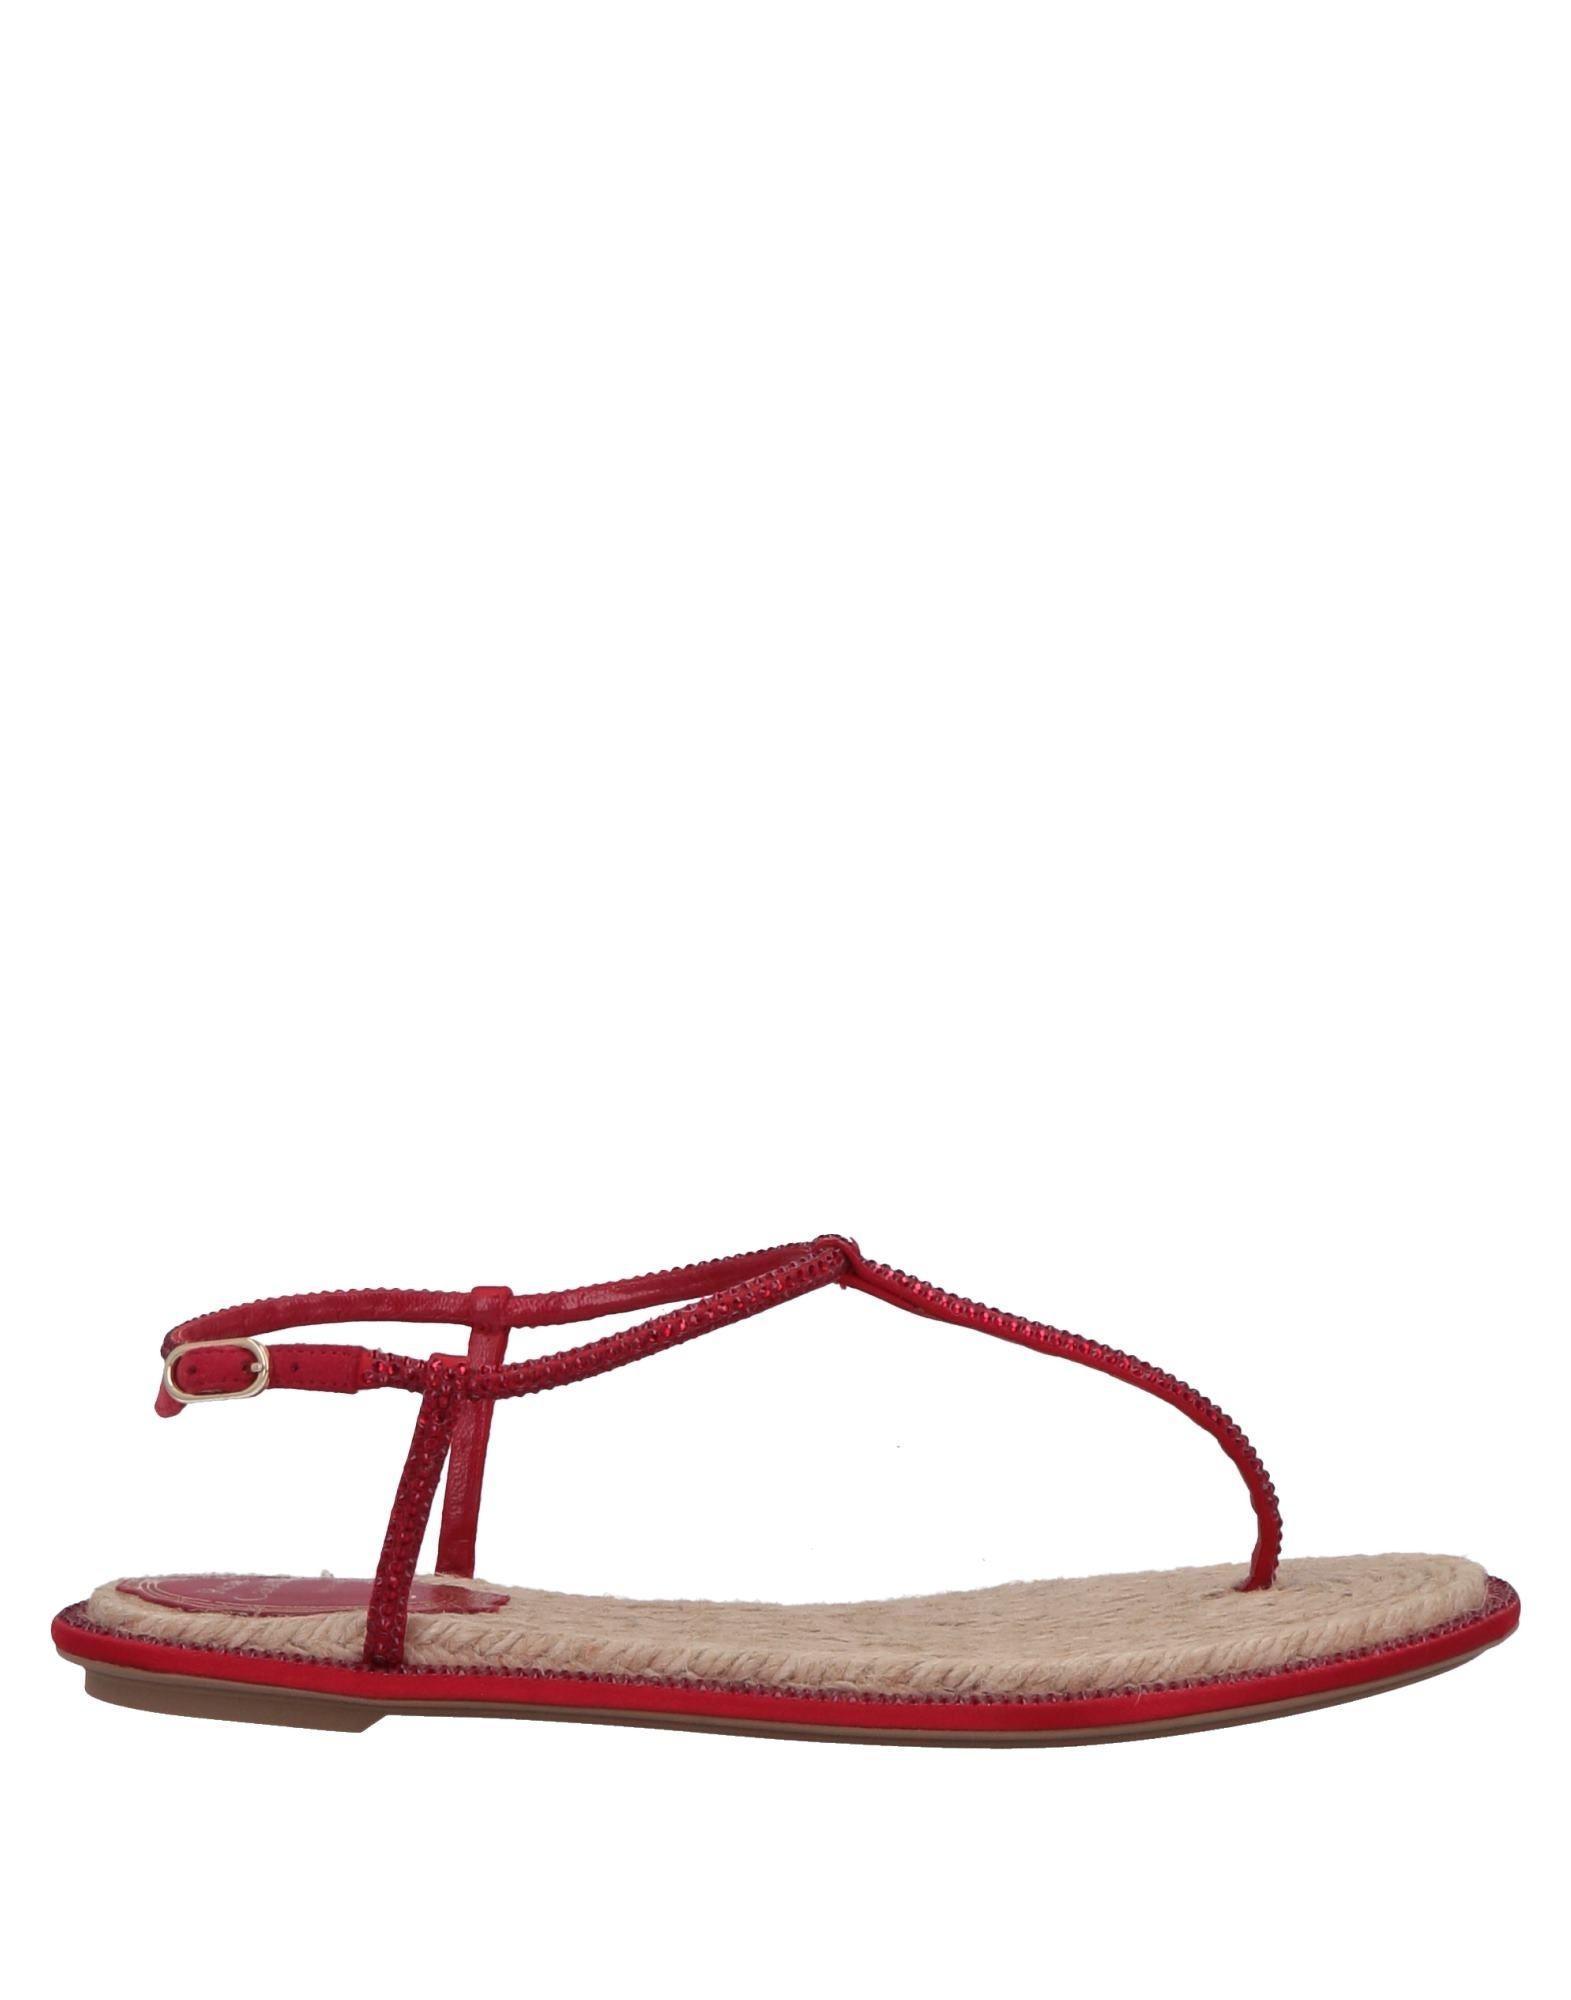 1283a63c00e Lyst - Rene Caovilla Toe Post Sandal in Red